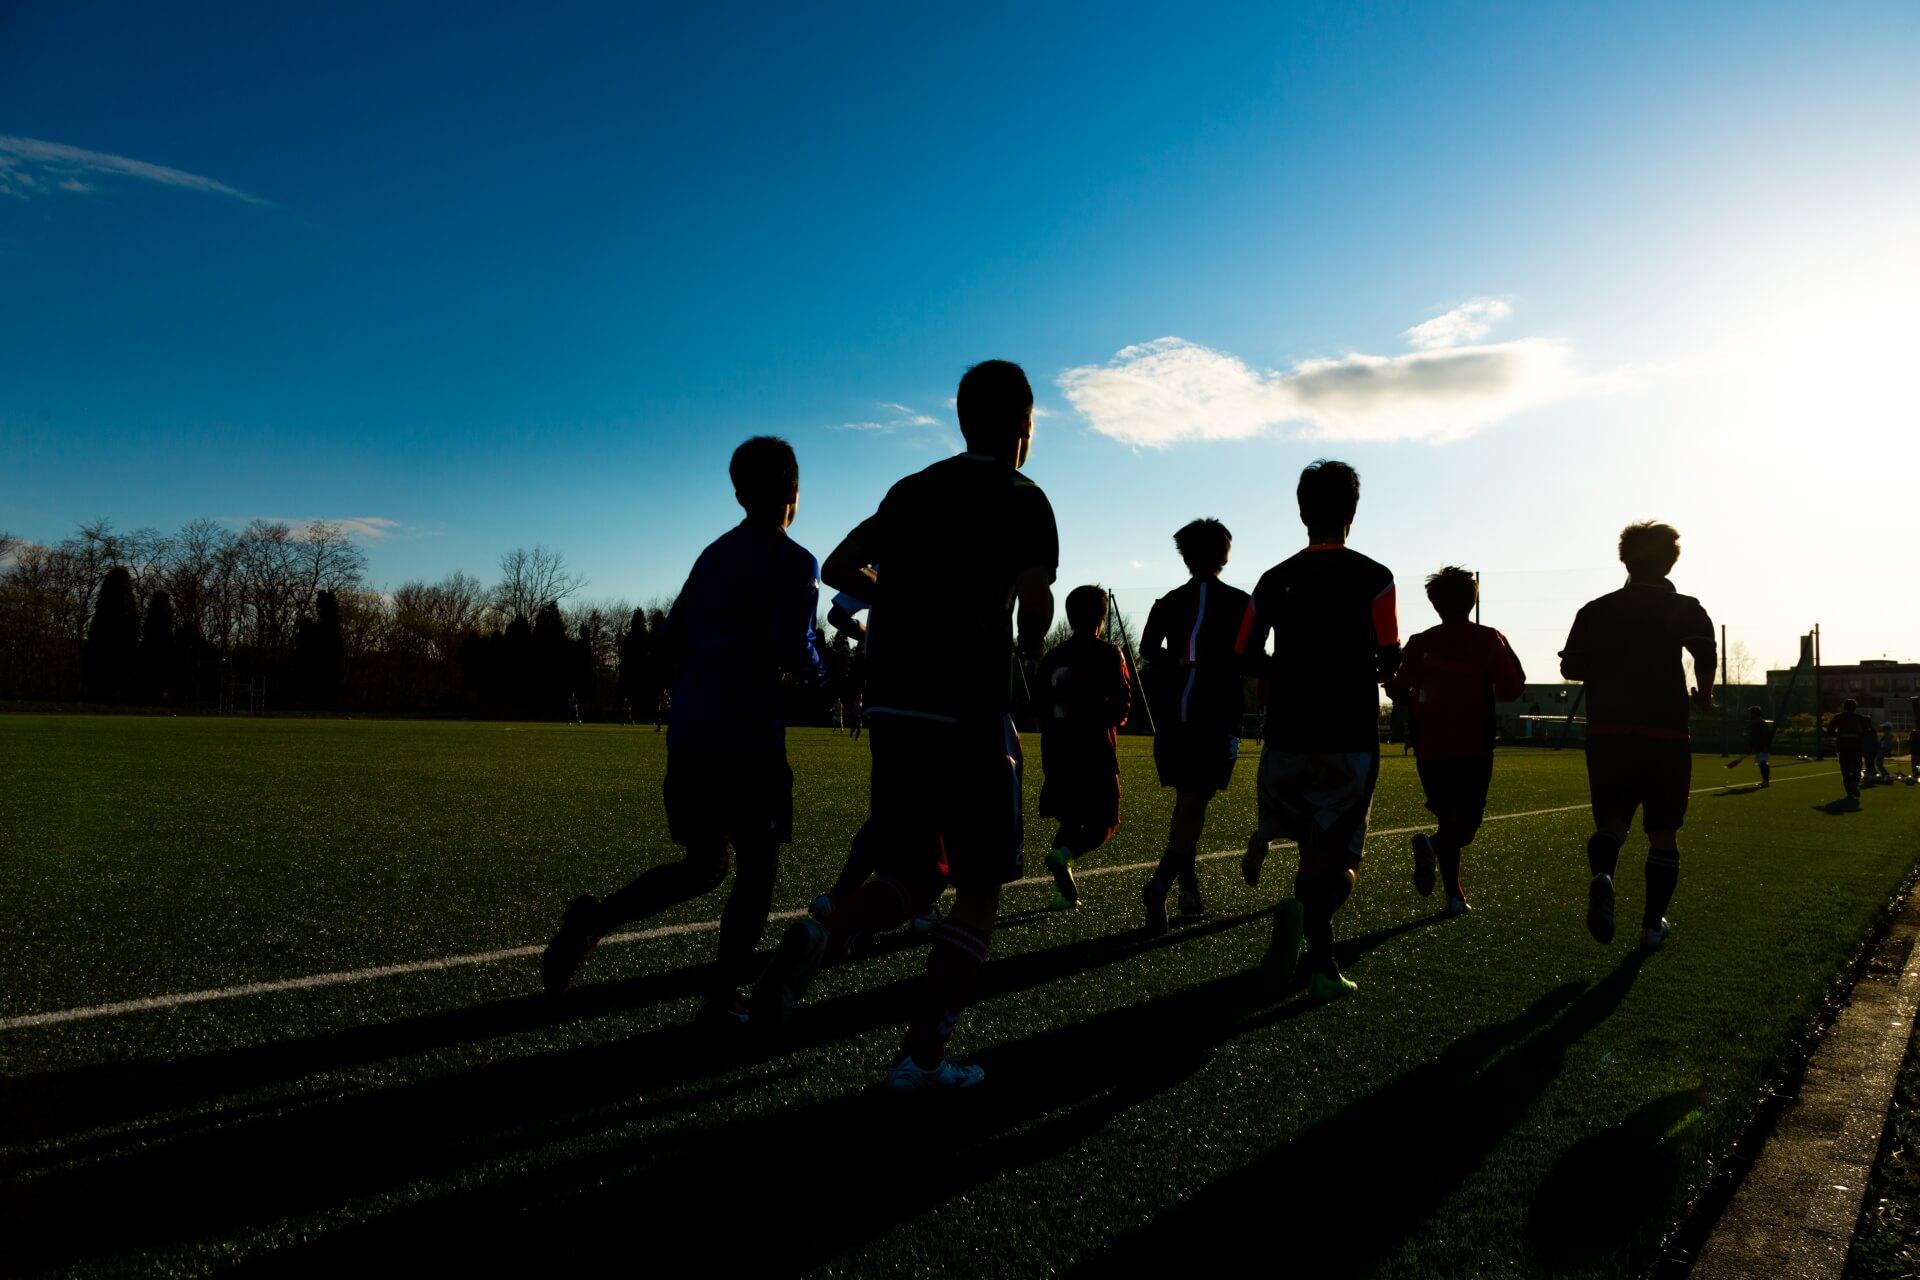 サッカーの試合で90分走れるスタミナをつけるトレーニング方法とは?